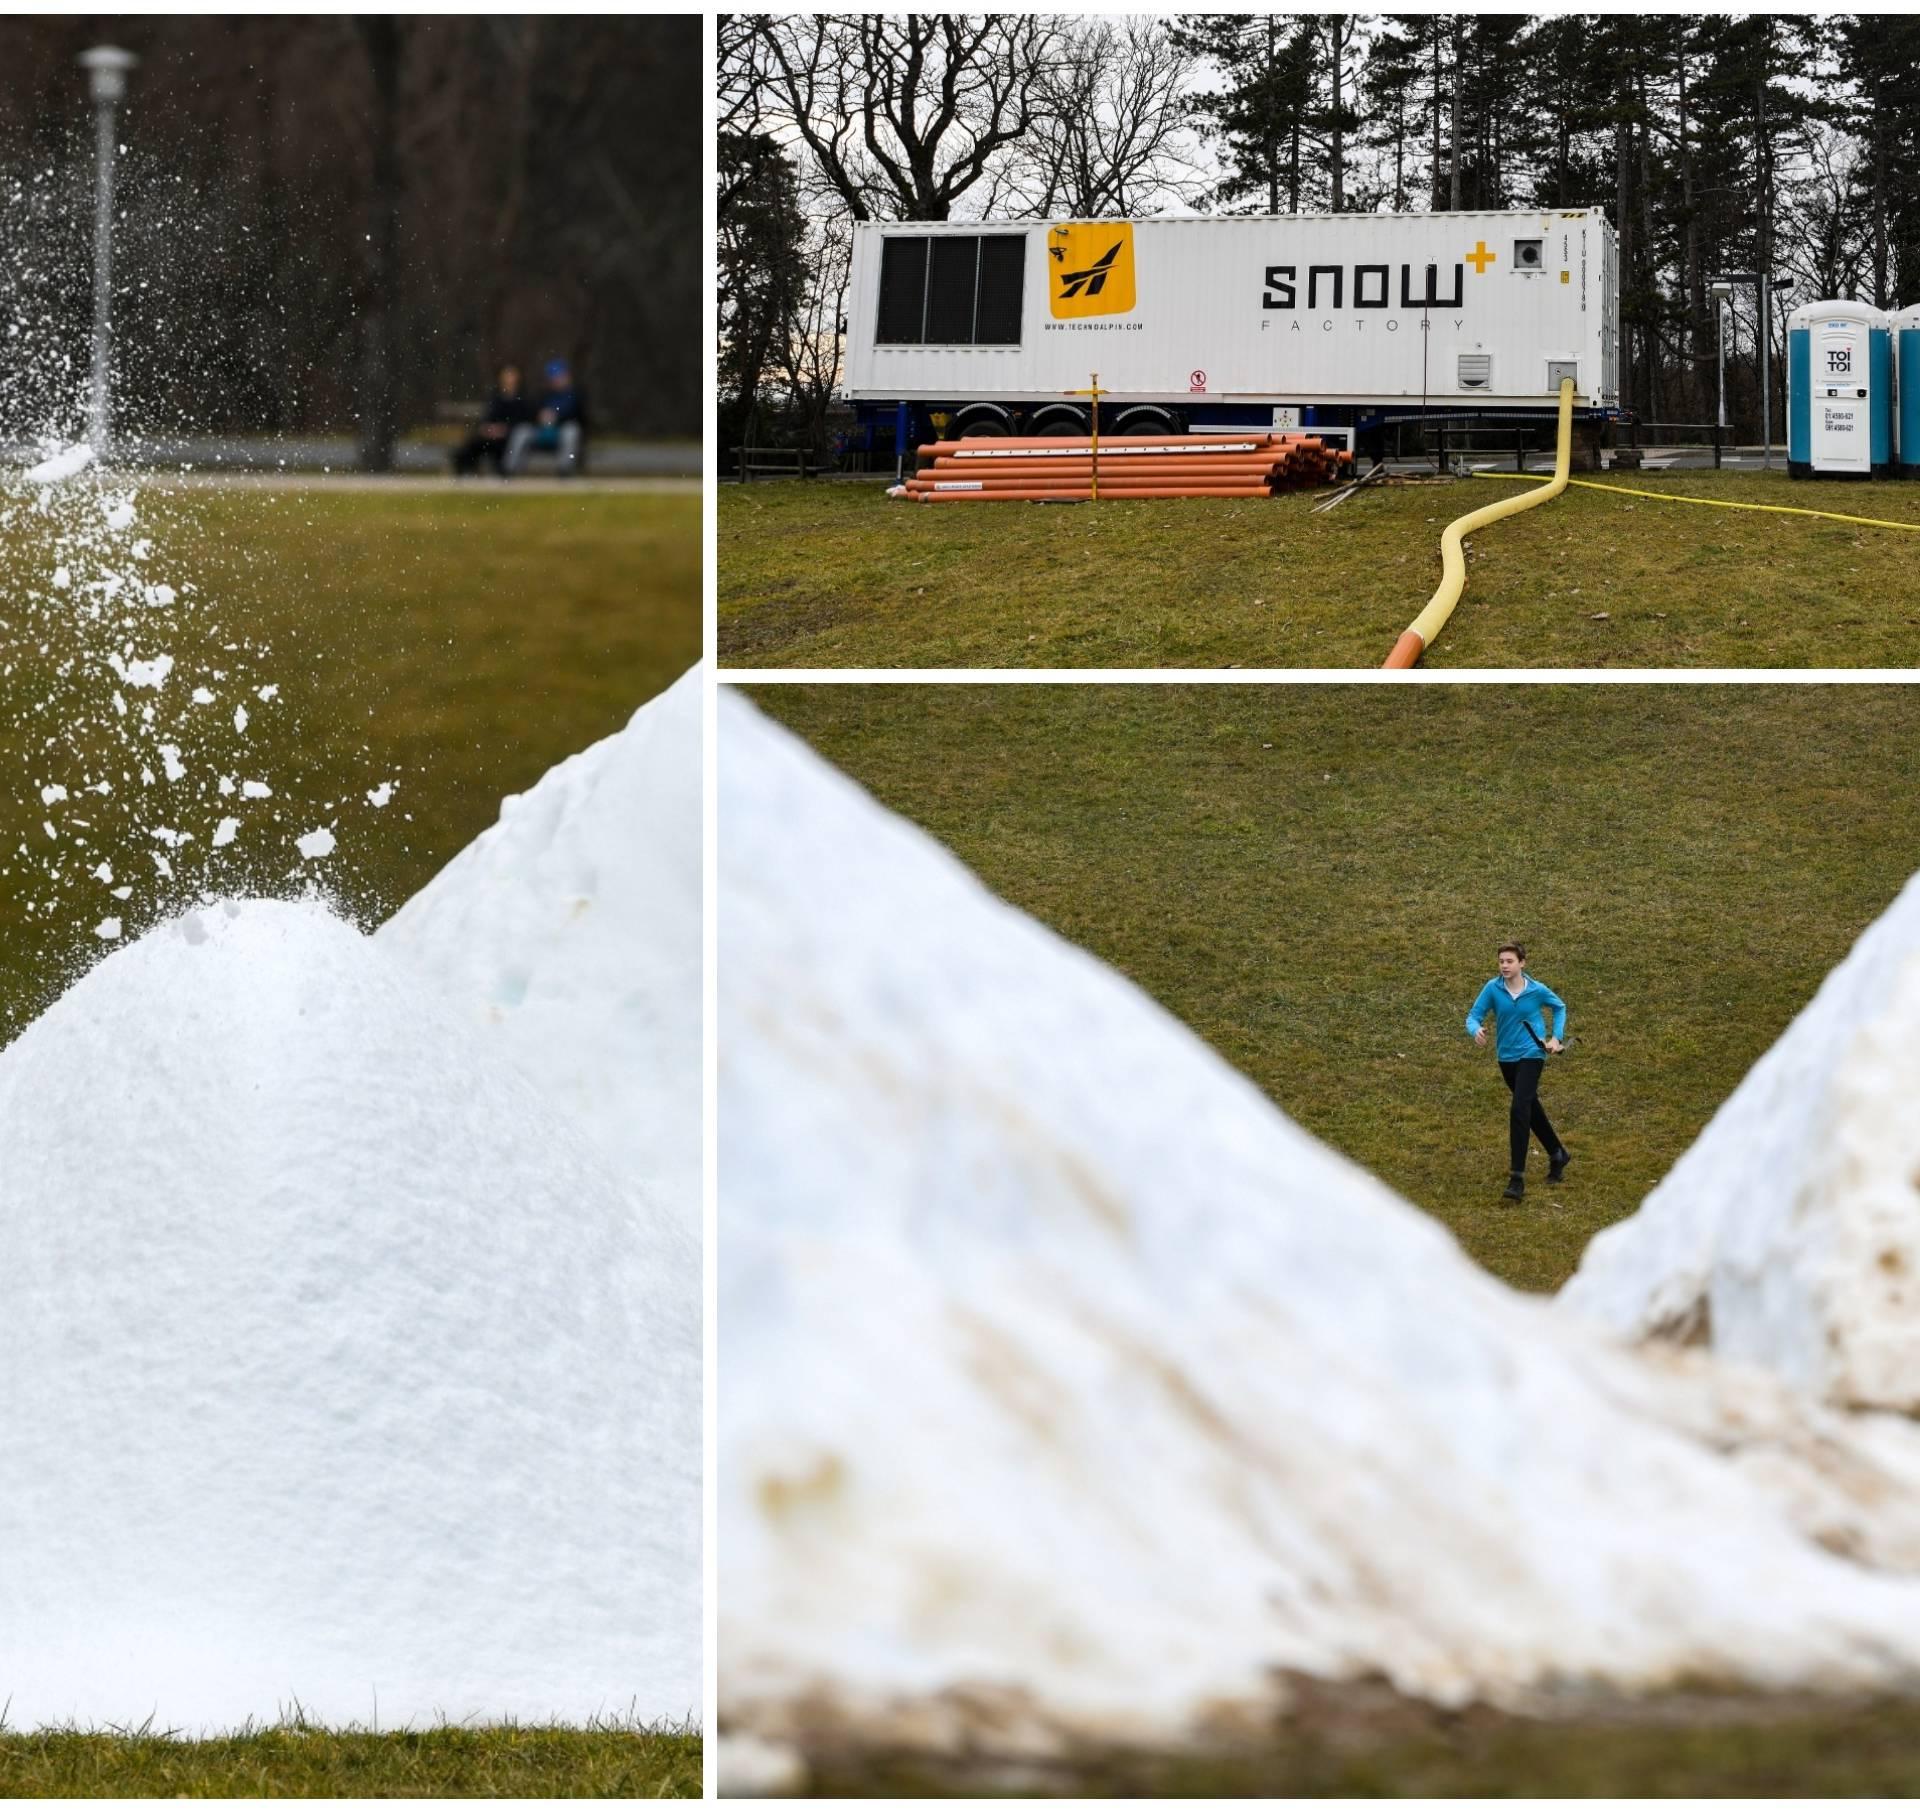 U Zagrebu je izmjereno 16°C, a Bandić na Cmroku radi snijeg